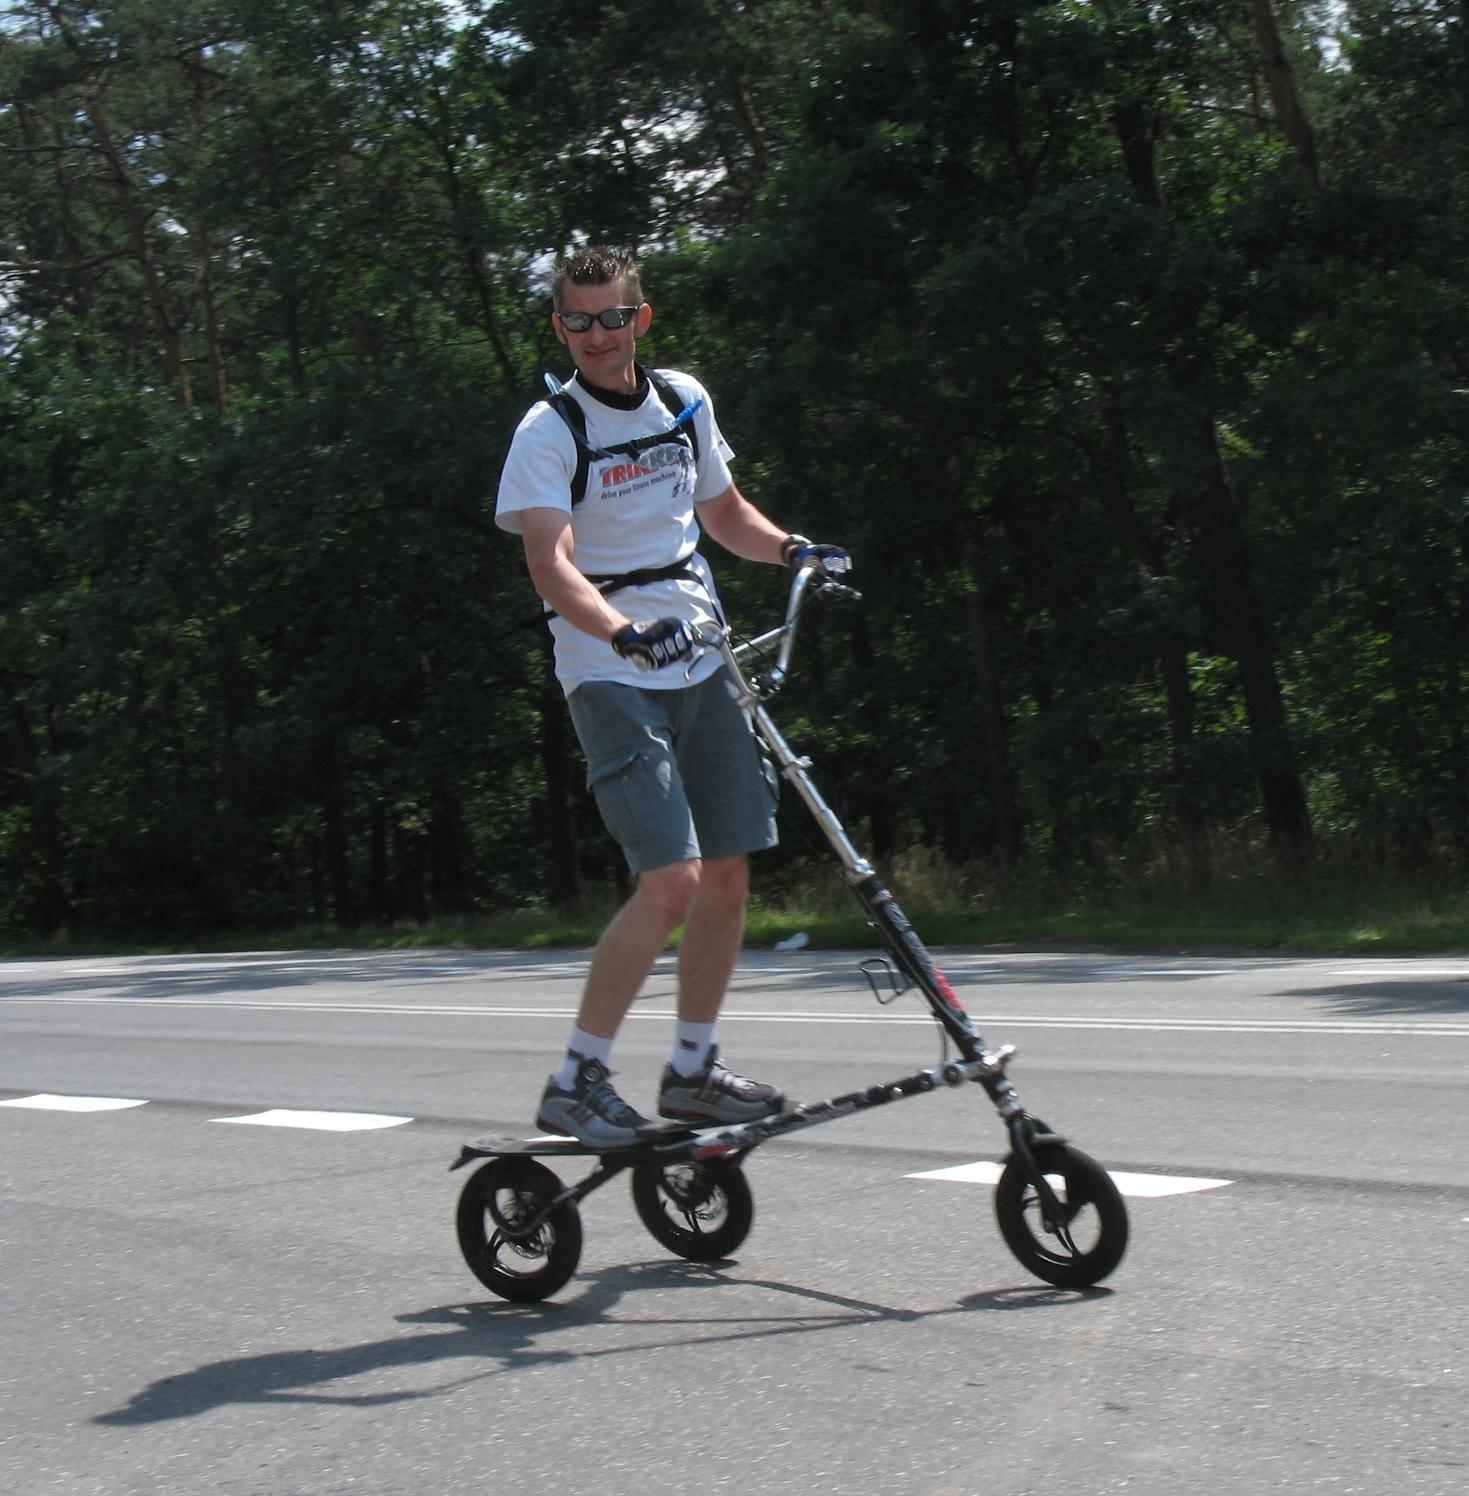 W trasie do Ciechocinka – Trikke model T12.